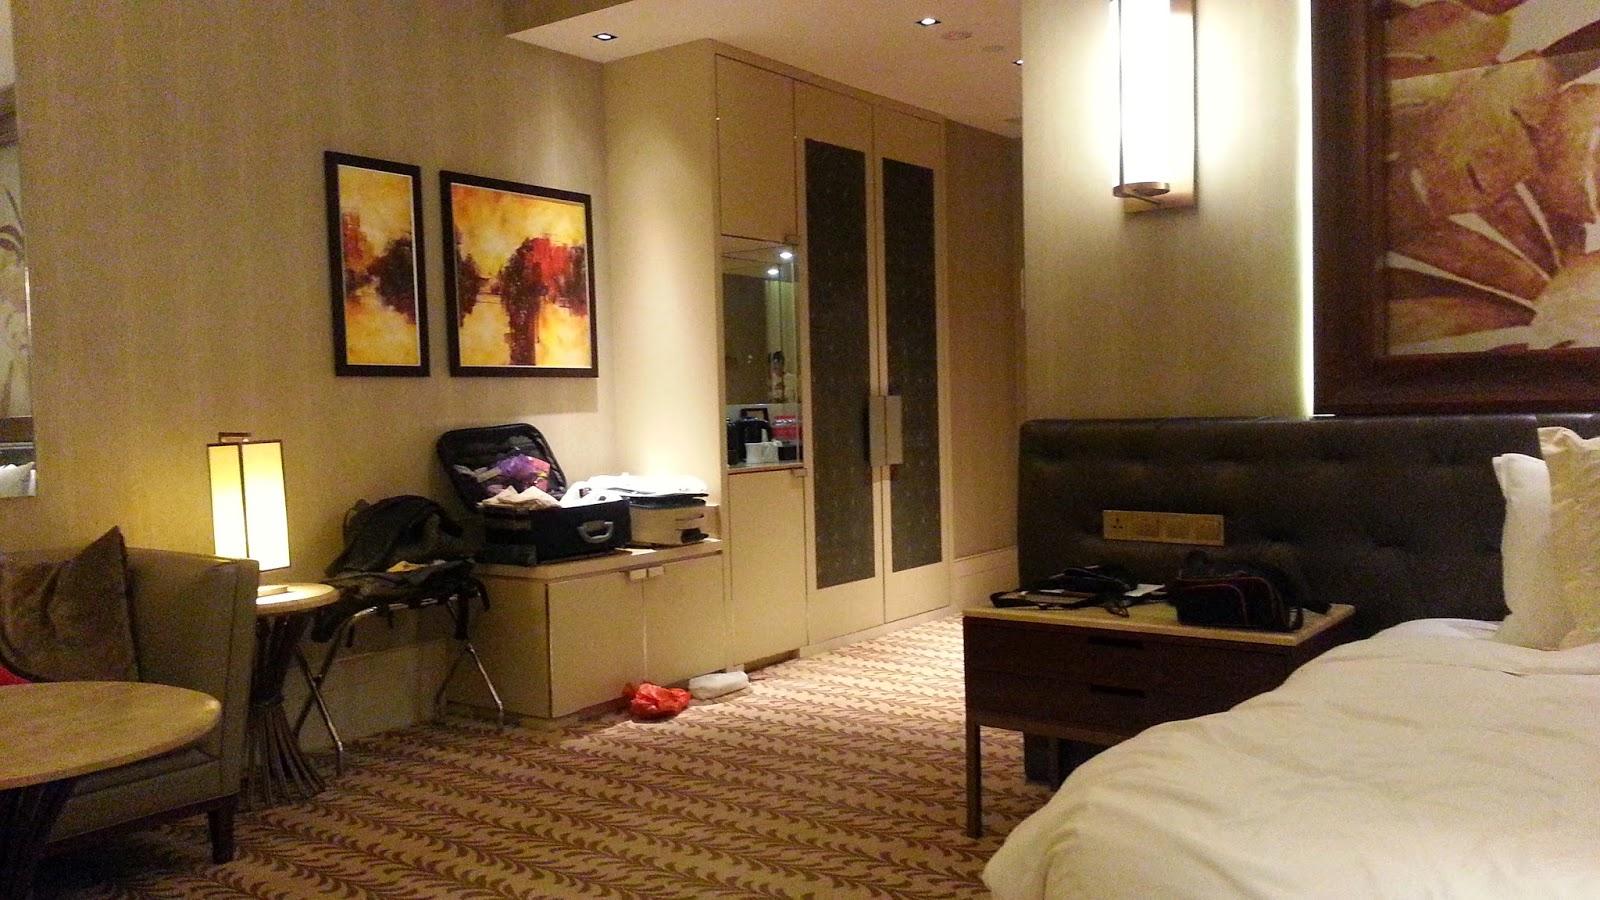 equarius hotela deluxe room. Colokan Samping Kasur! YAY (lagi)! Equarius Hotela Deluxe Room T